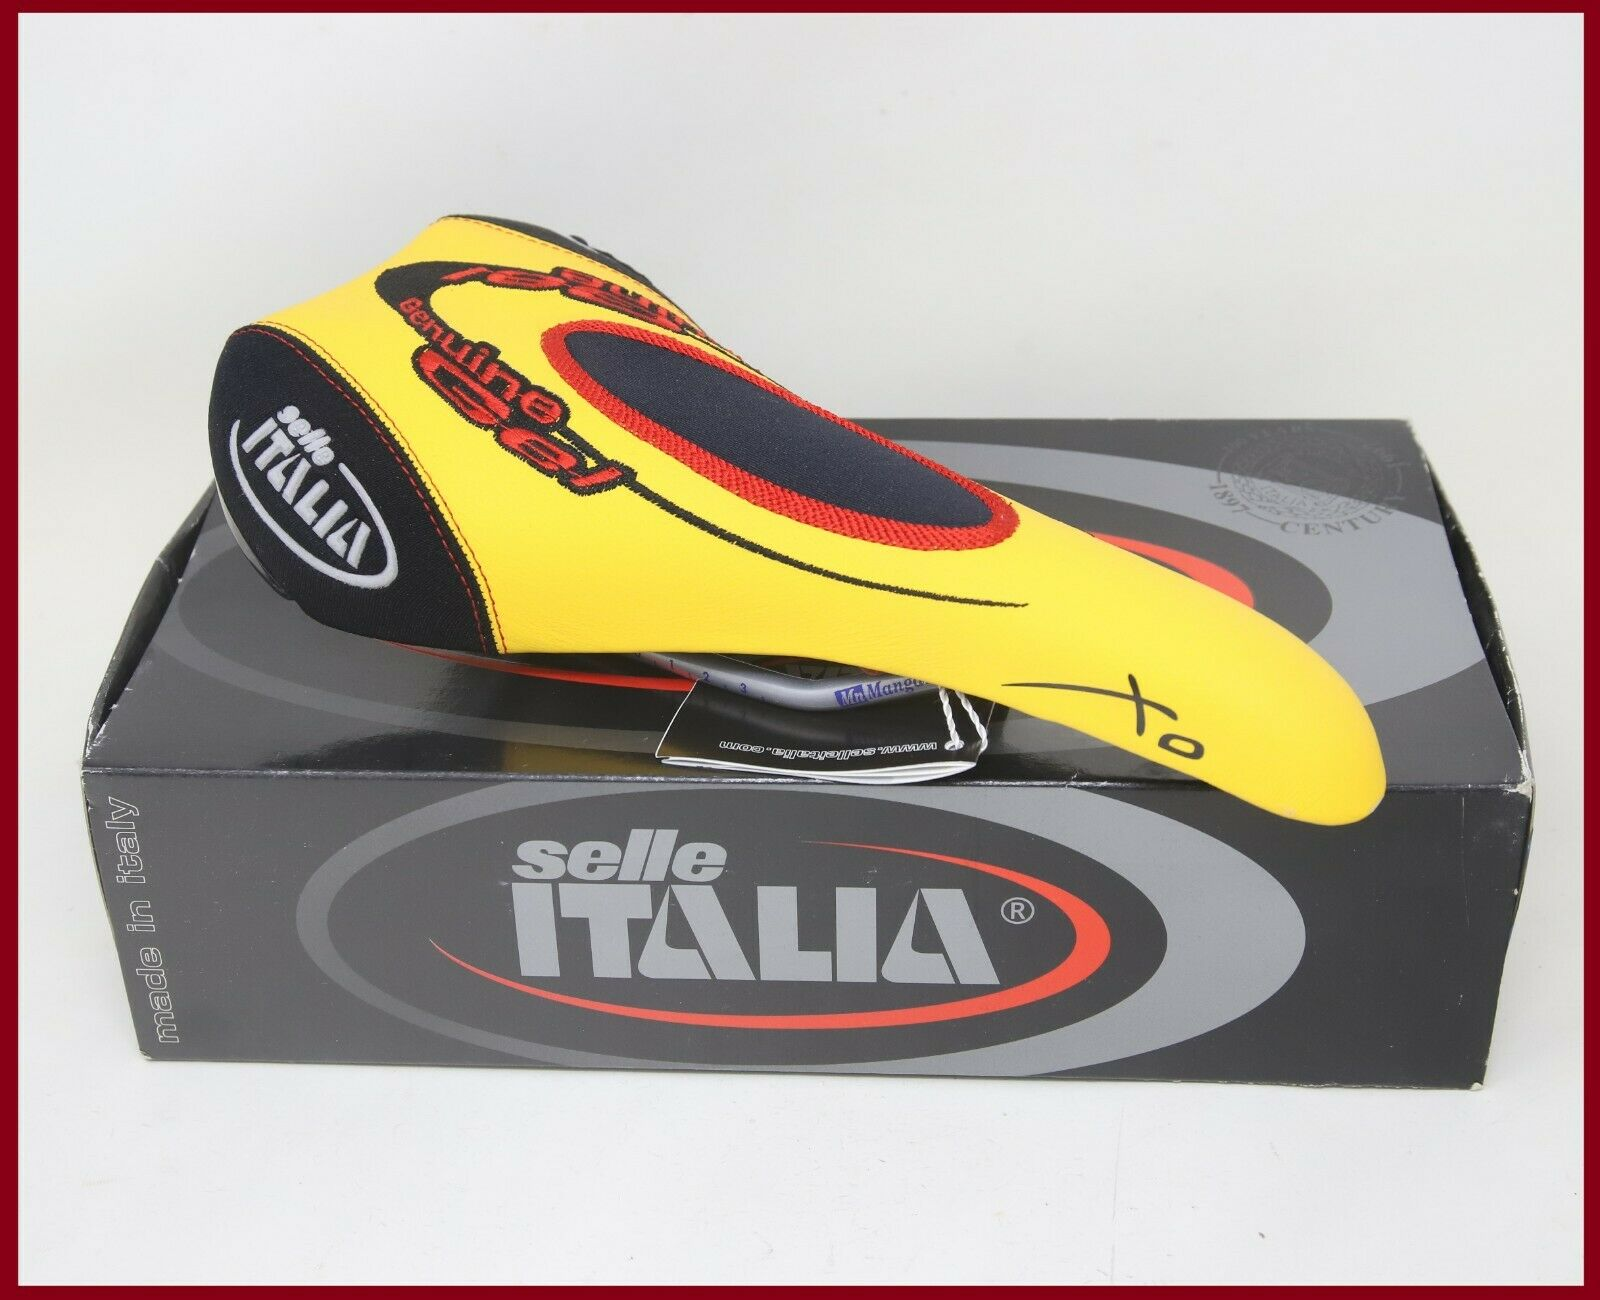 NOS NIB SELLE ITALIA XO SADDLE YELLOW SEAT VINTAGE MTB MOUNTAIN BIKE BICYCLE